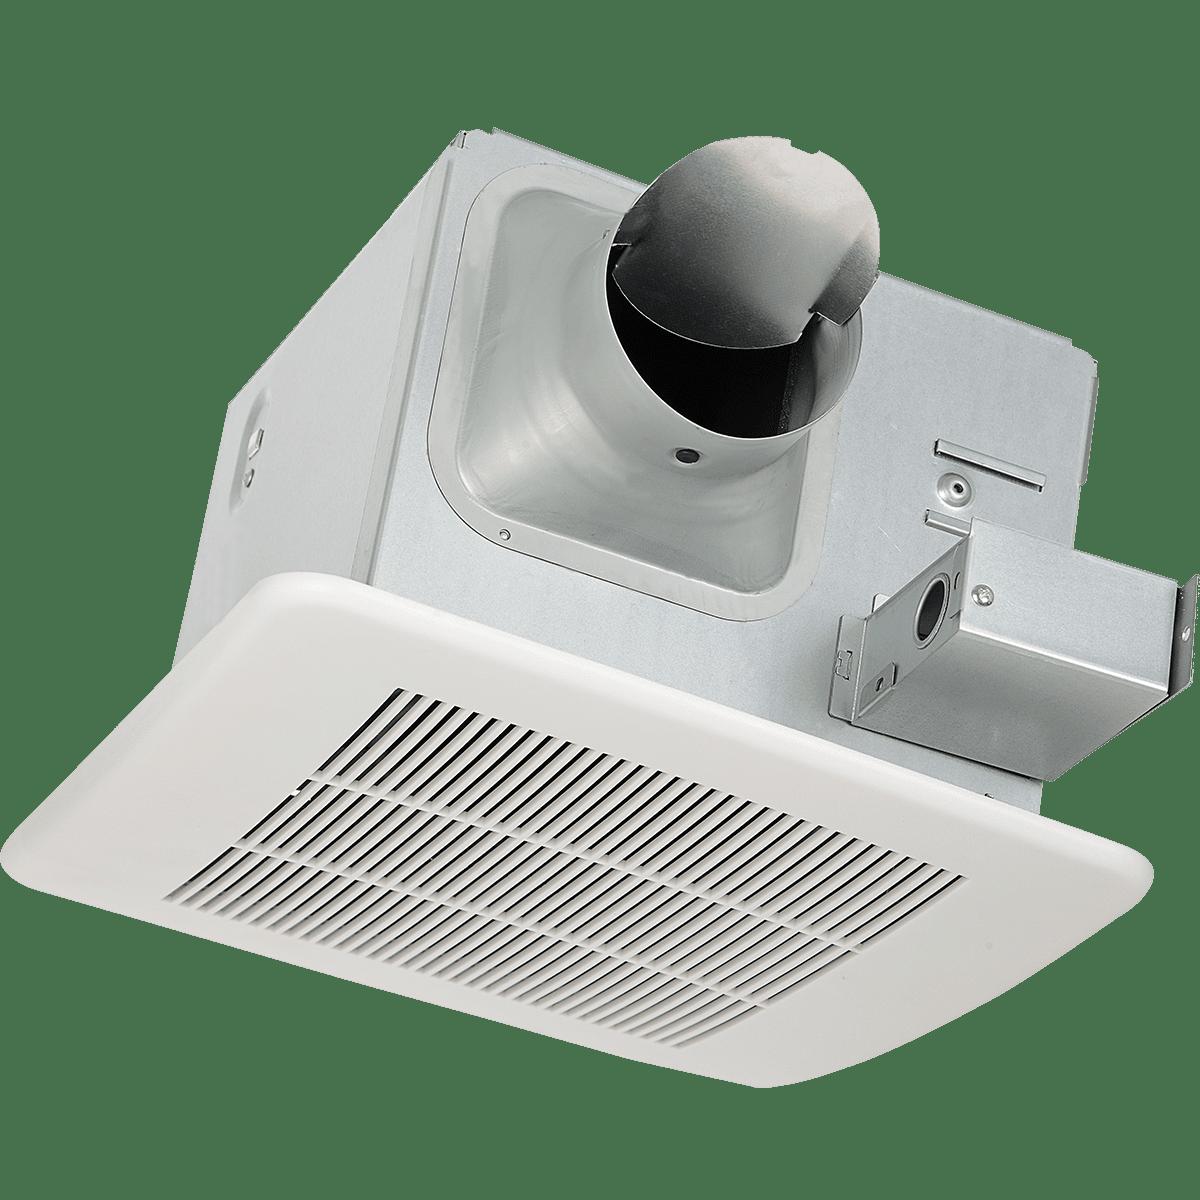 110 Cfm Bathroom Exhaust Fan, Bathroom Exhaust Fan Cfm